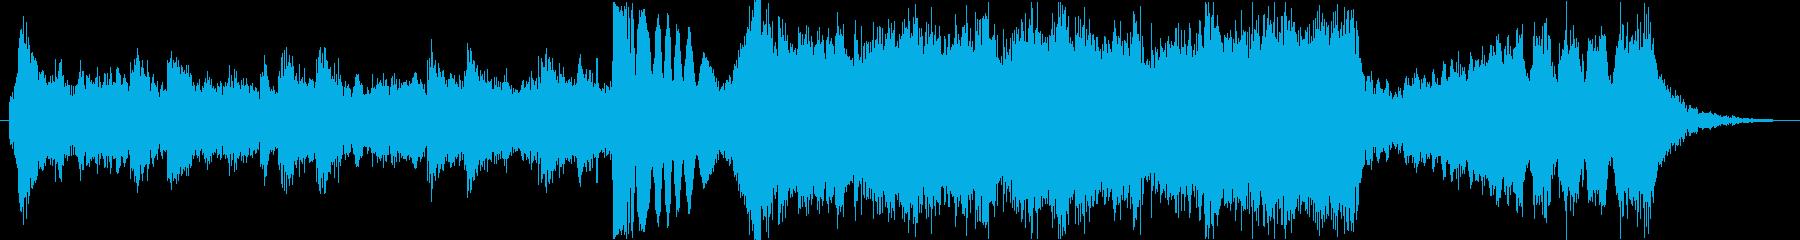 壮大なハリウッド風エピックトレーラーdの再生済みの波形